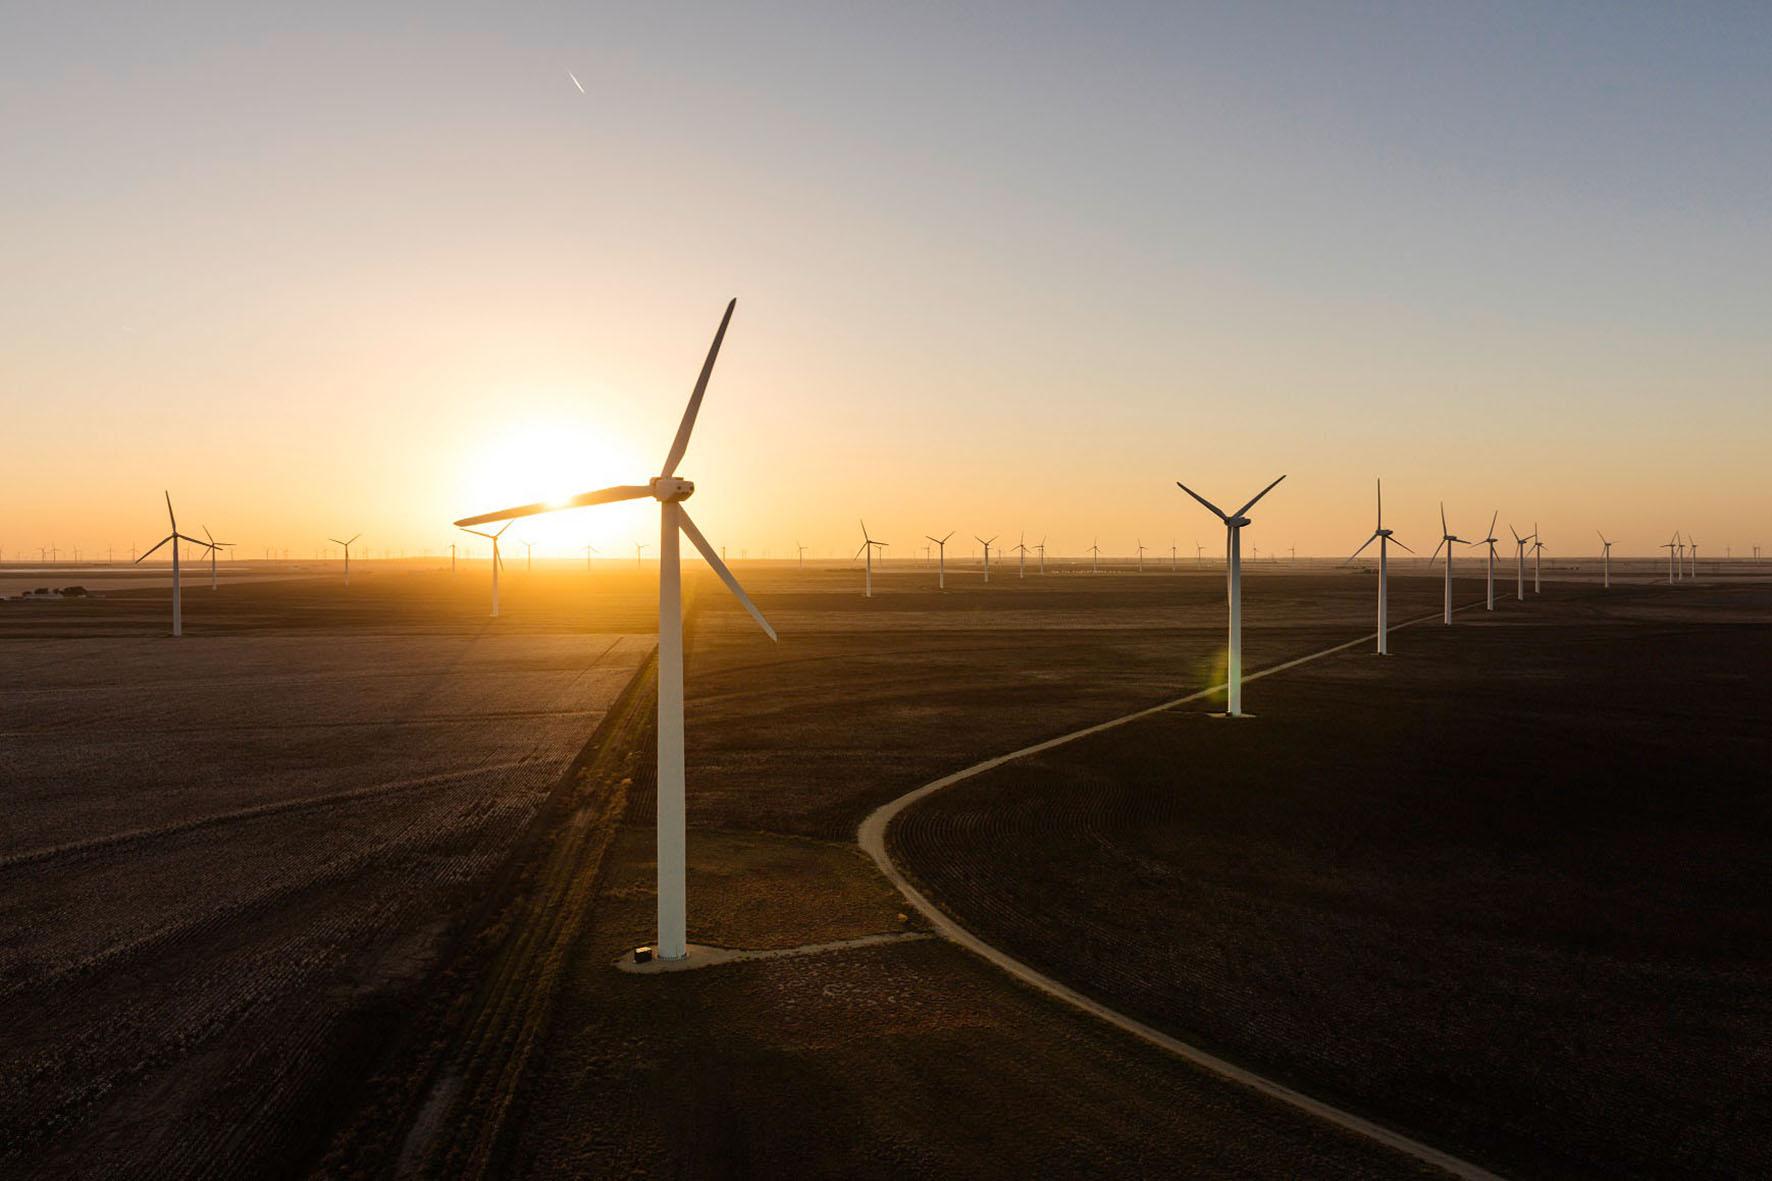 Windräder im Sonnenuntergang - Umweltenergie